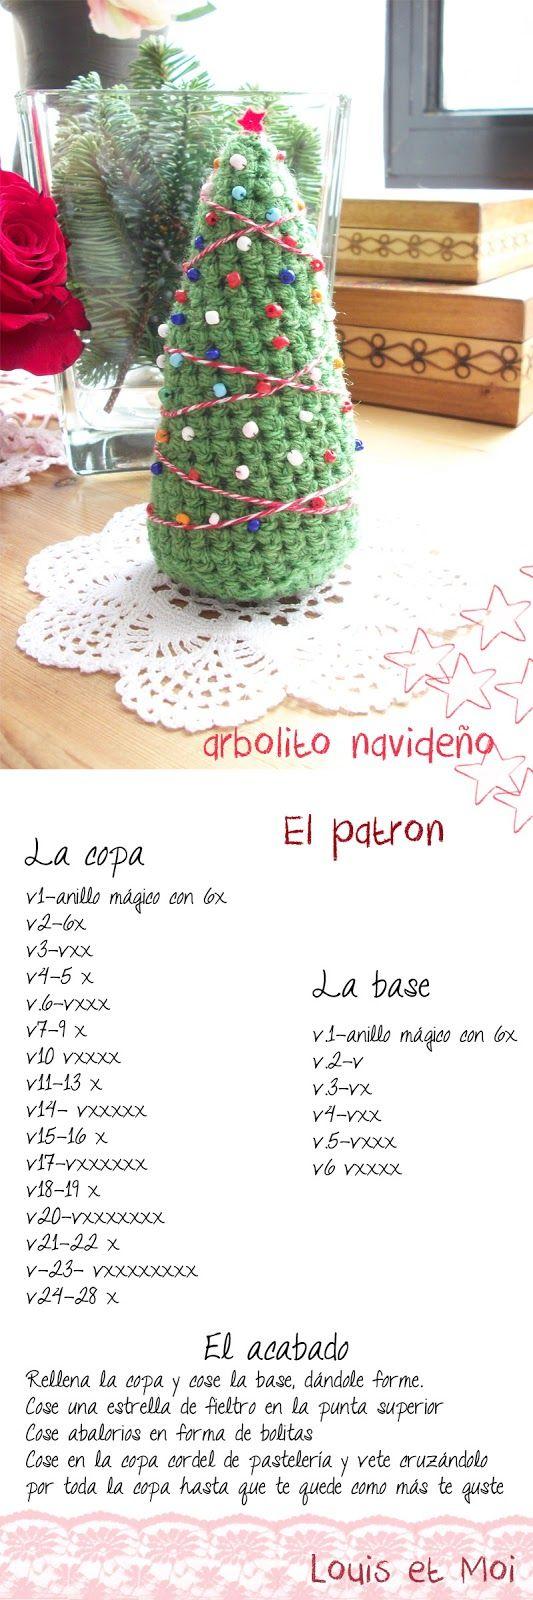 88 best Navidad images on Pinterest | Adornos navidad, Artesanías de ...